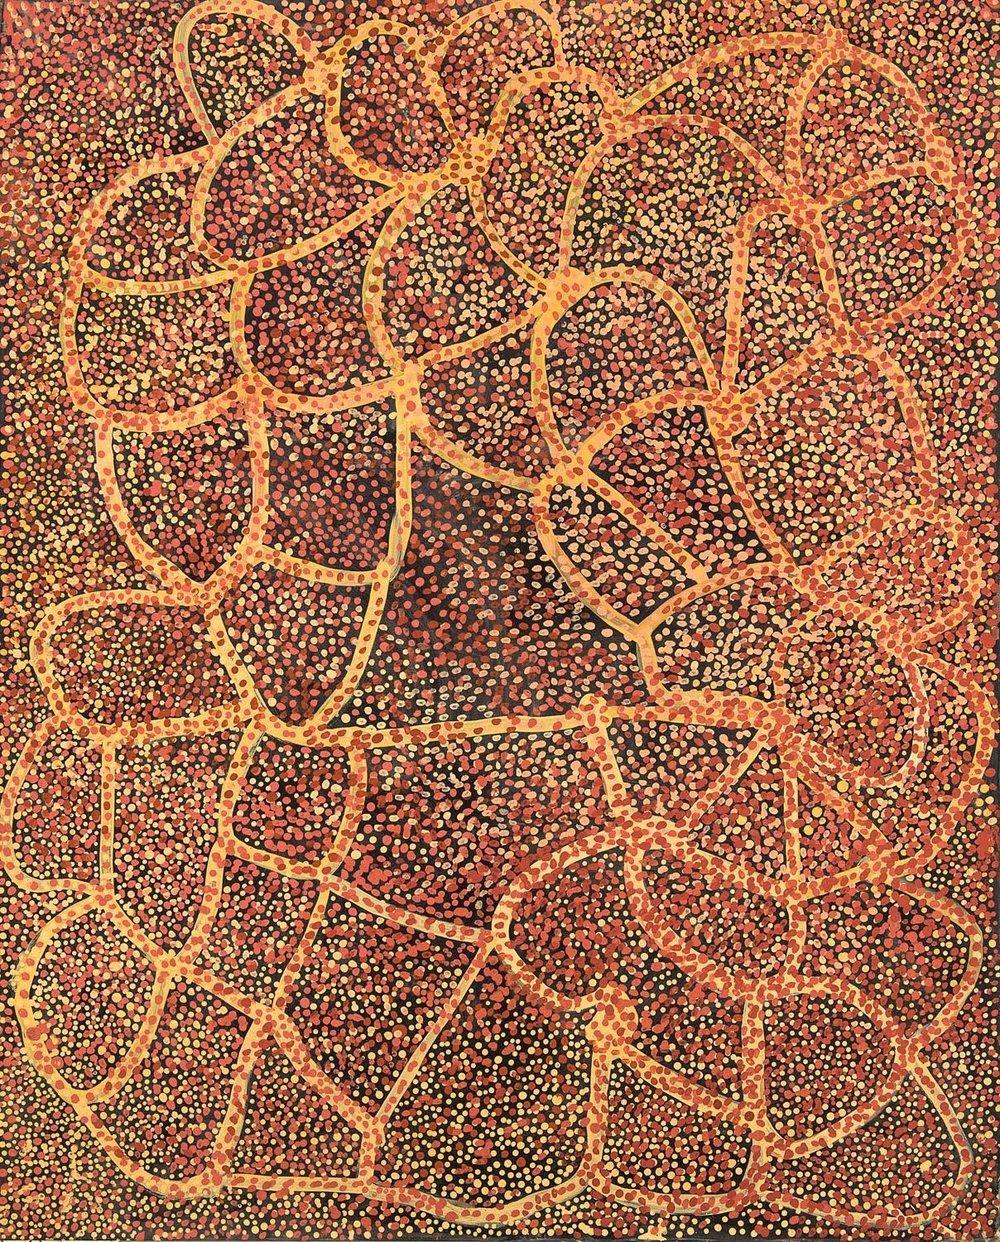 EMILY KAME KNGWARREYE,circa 1910-1996  Wild Yam and Emu Food , 1990